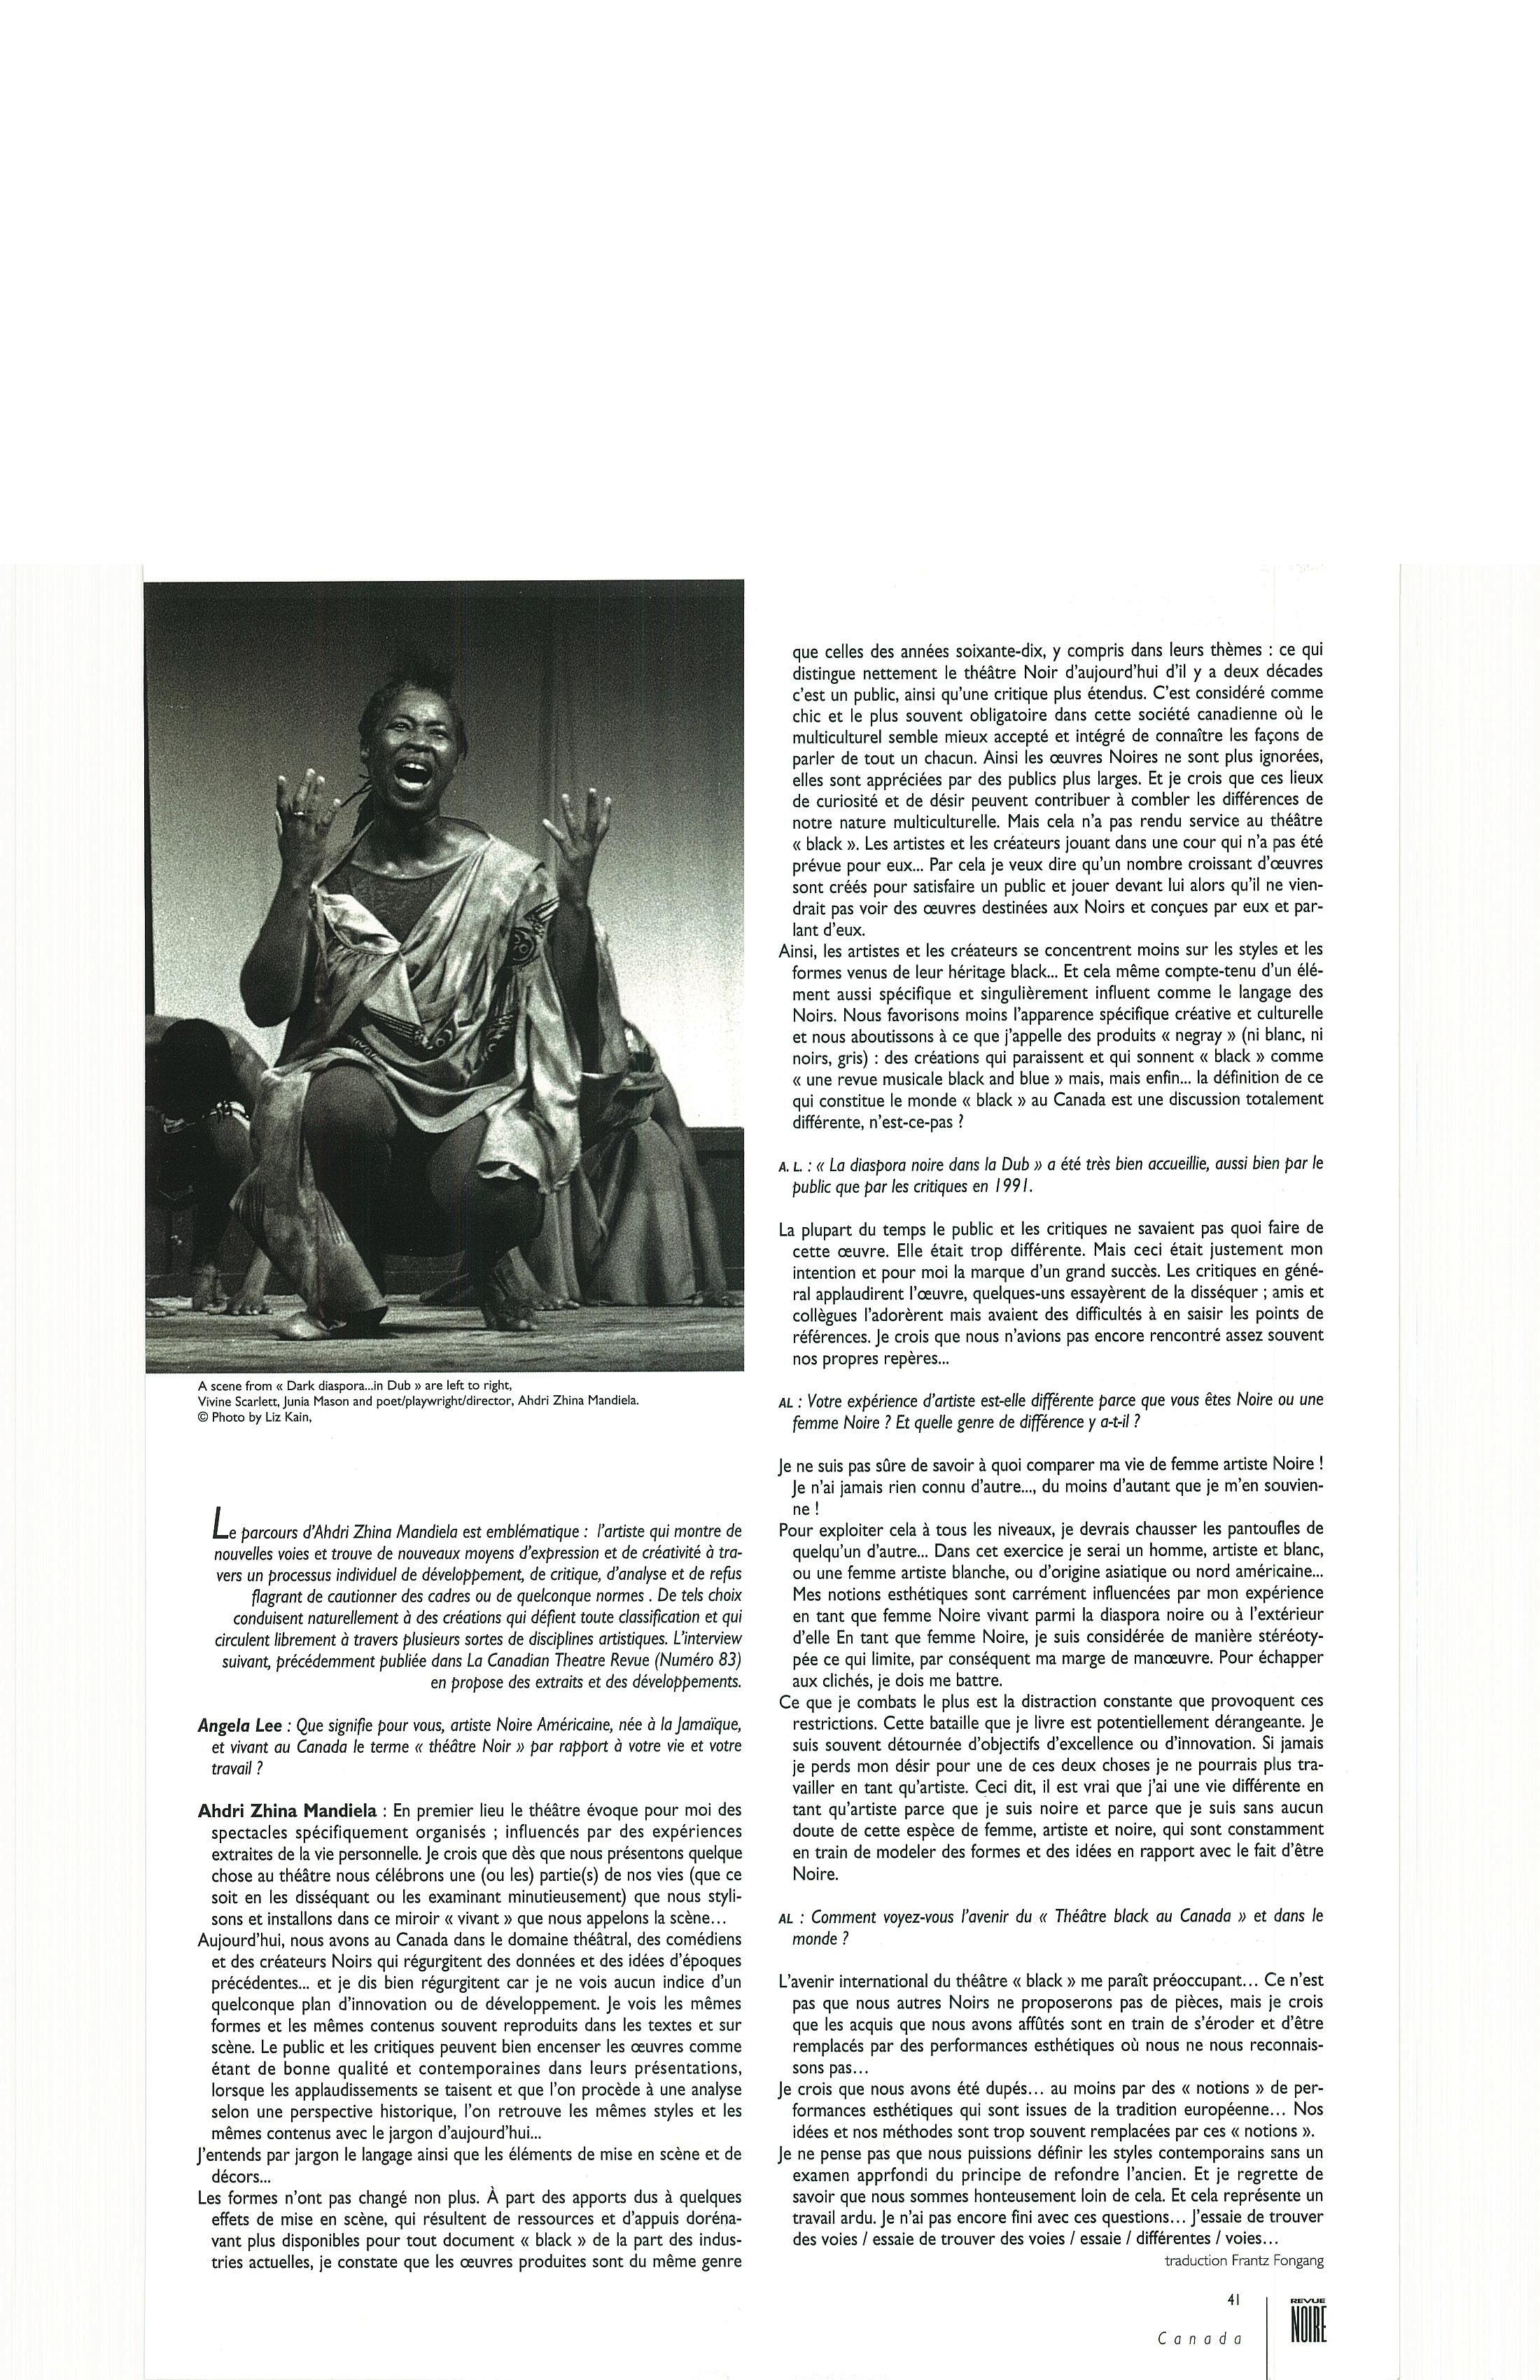 2. Revue Noire book_Page_043